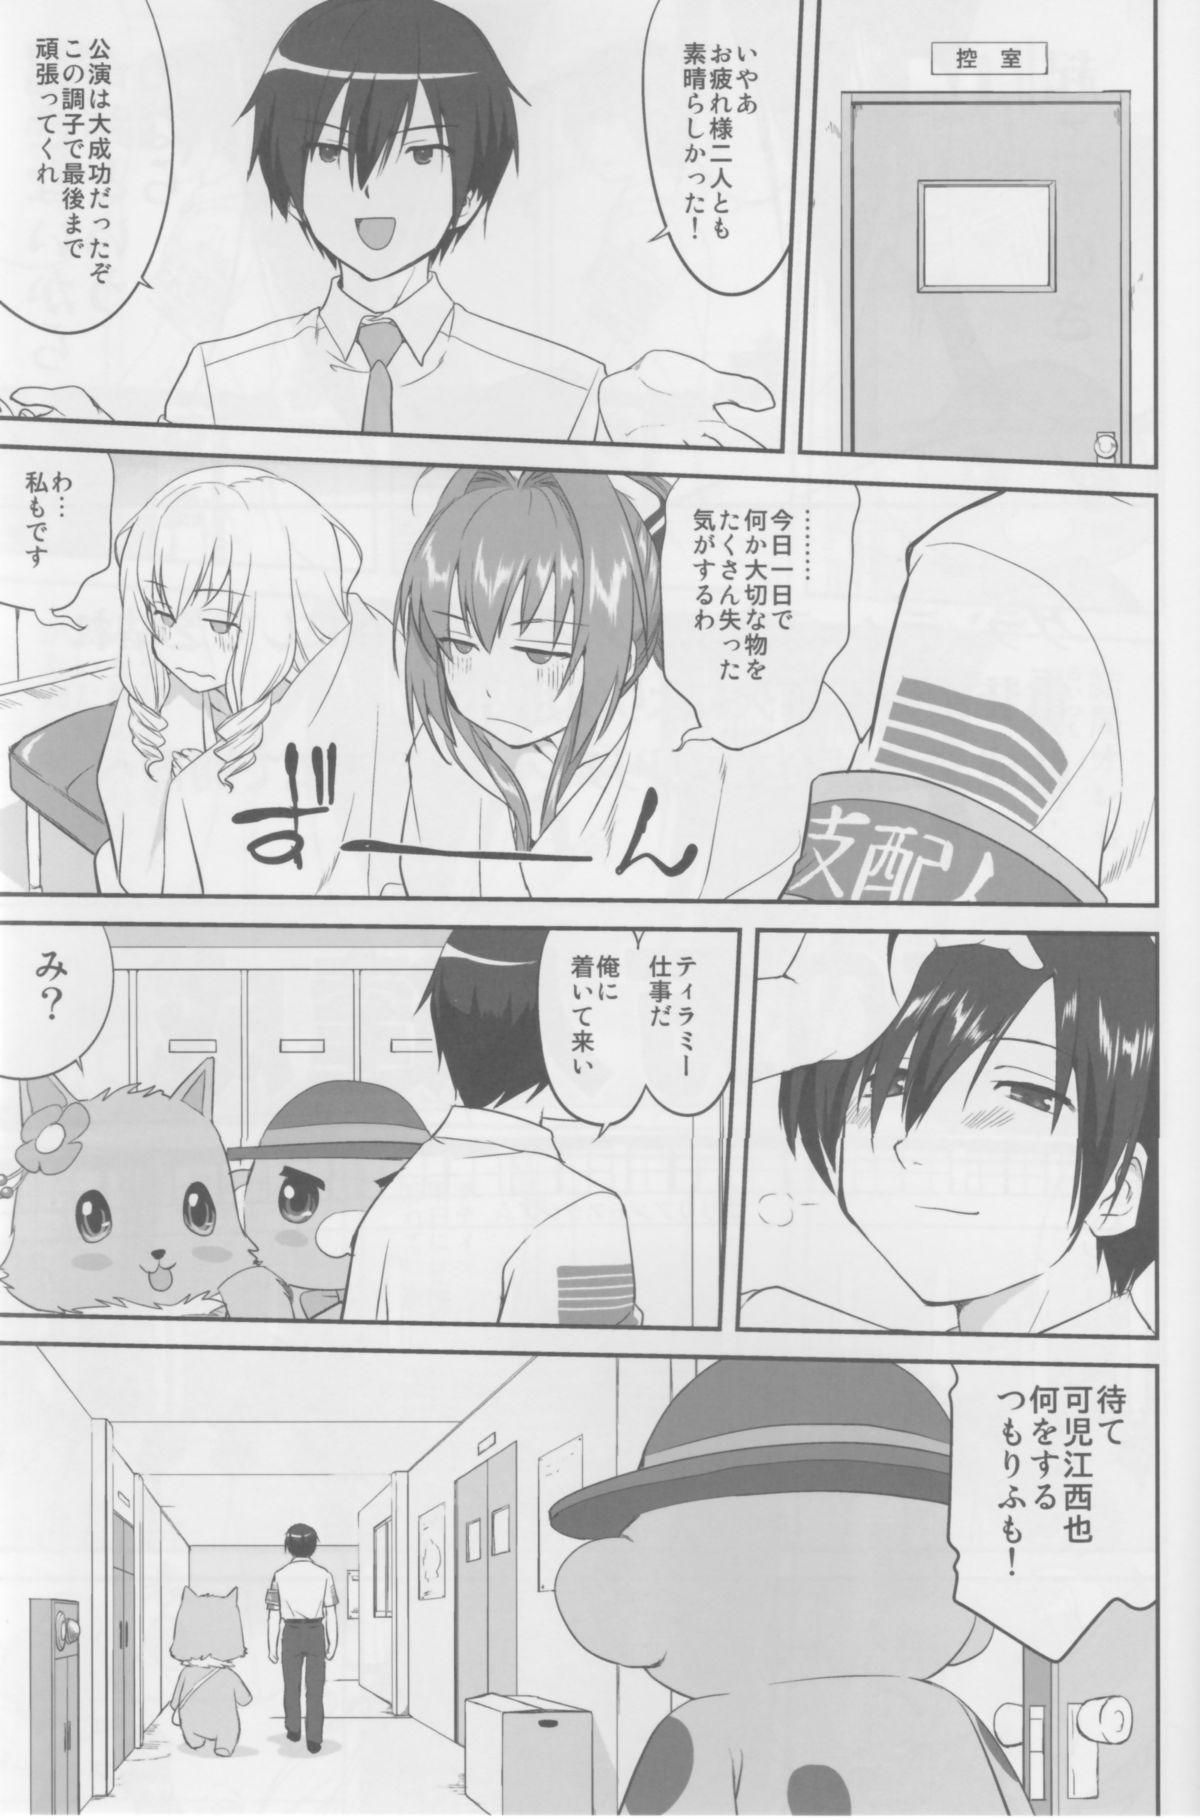 Amagi Strip Gekijou 49